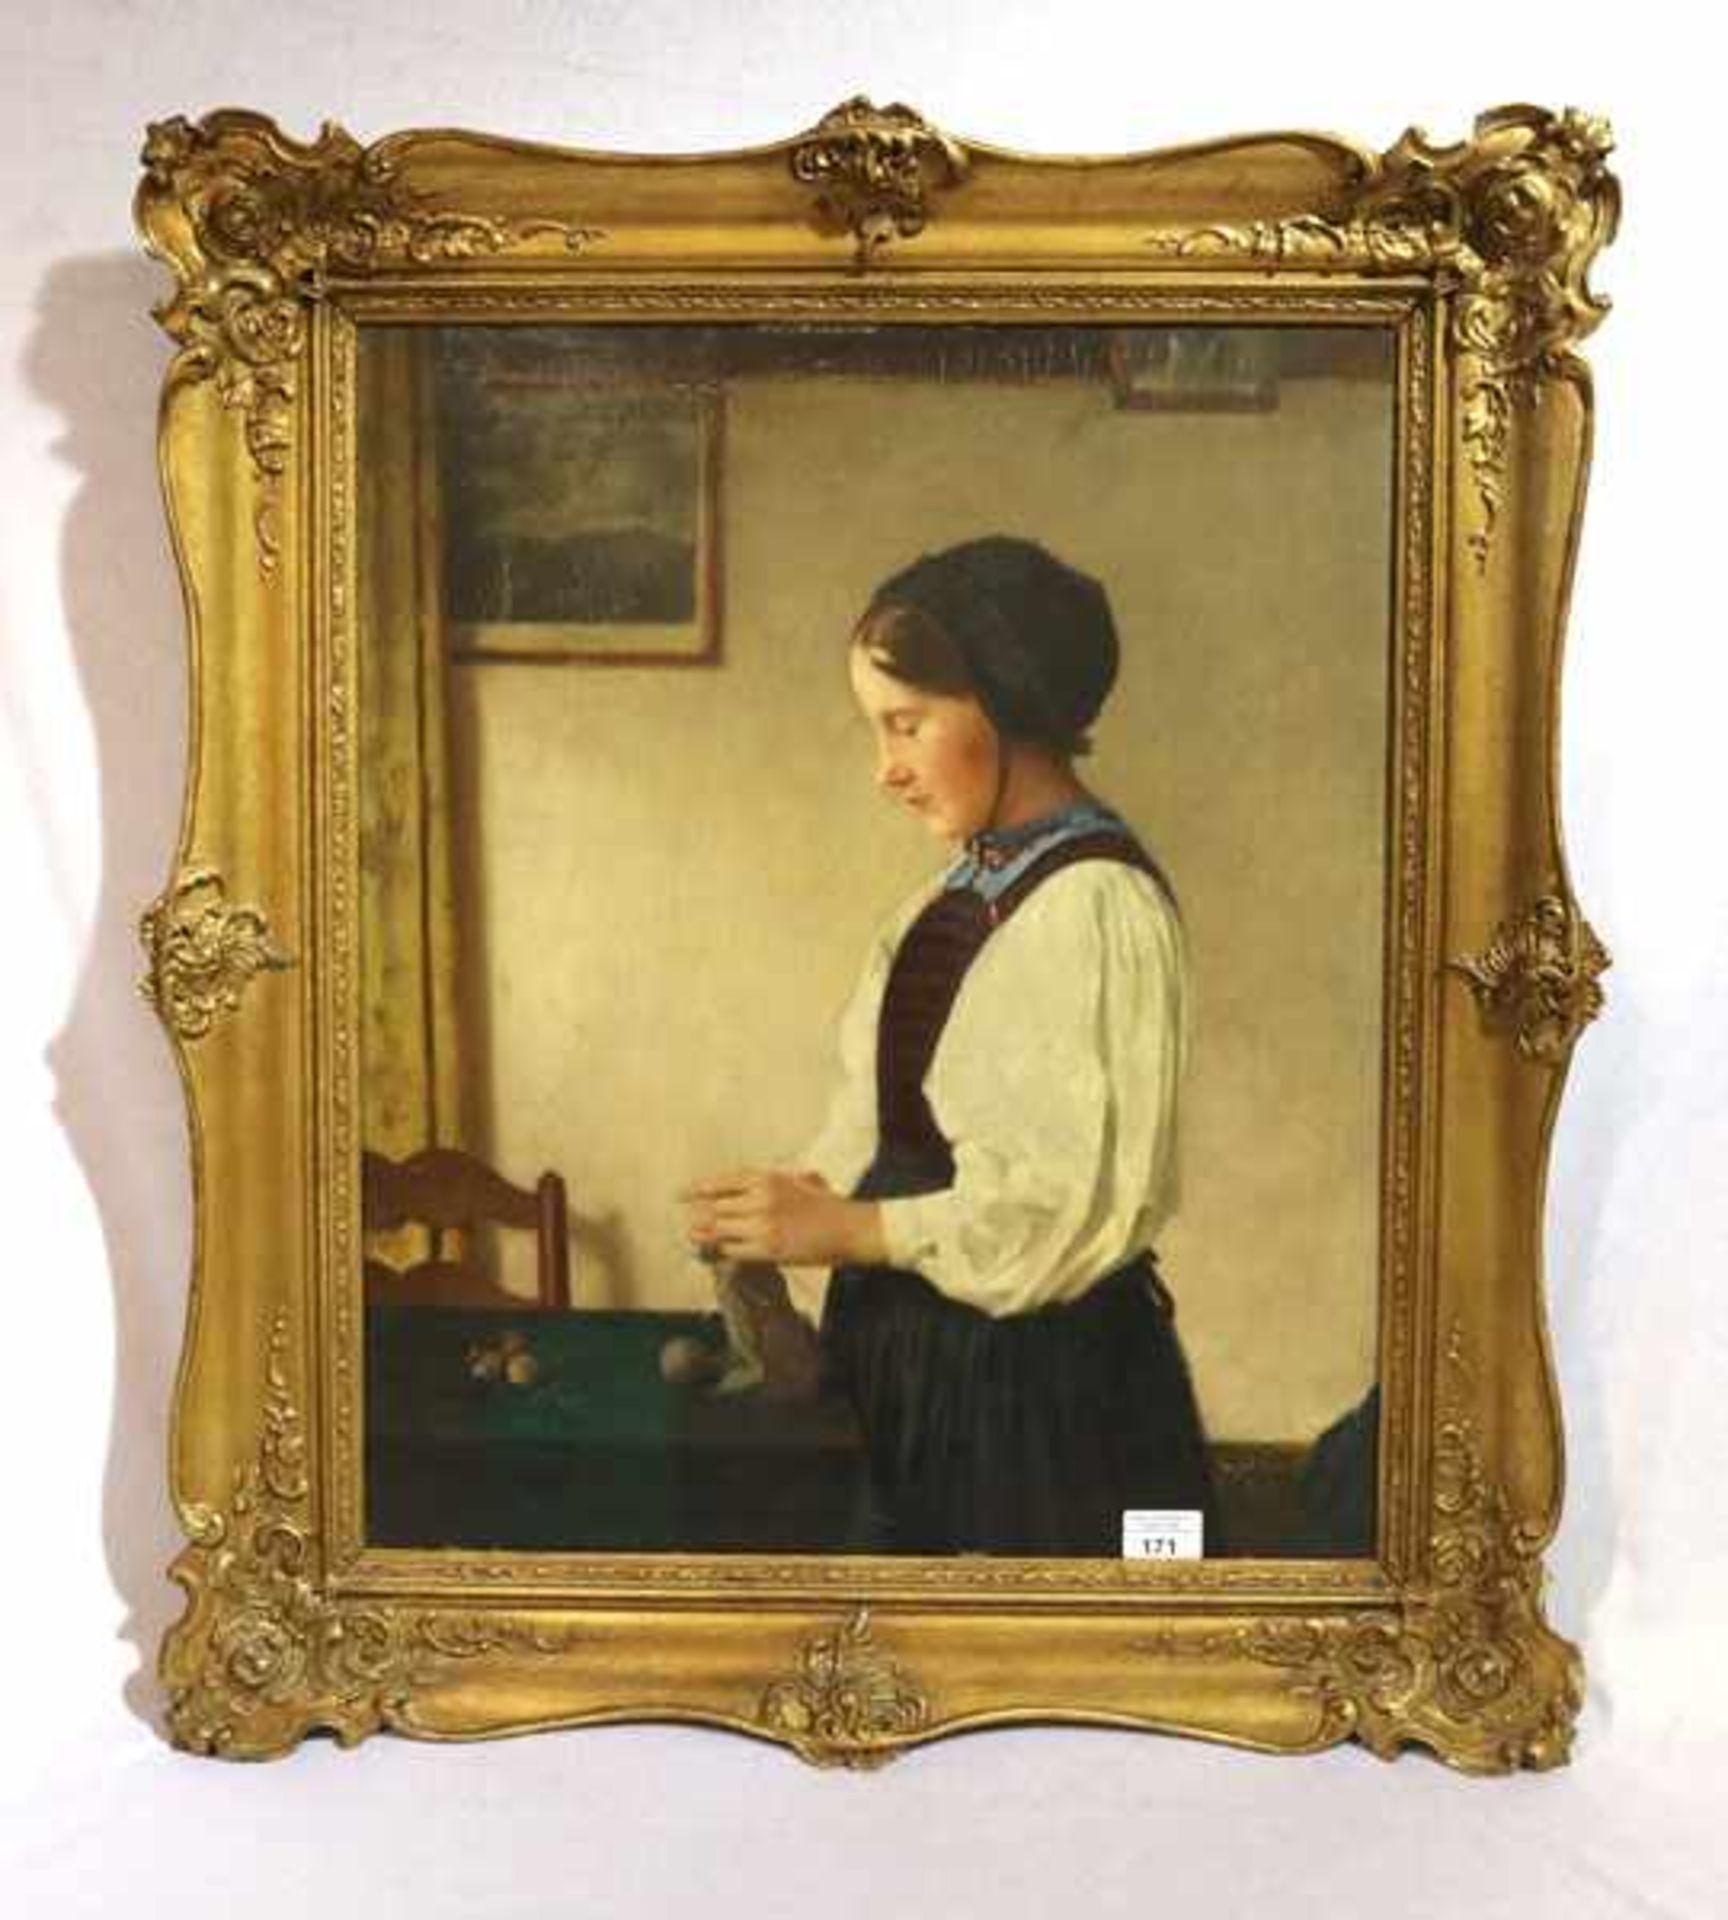 Los 171 - Gemälde ÖL/Holz 'Die Strickerin', signiert C. (Carl) Blos, * 1860 Mannheim + 1941 München,